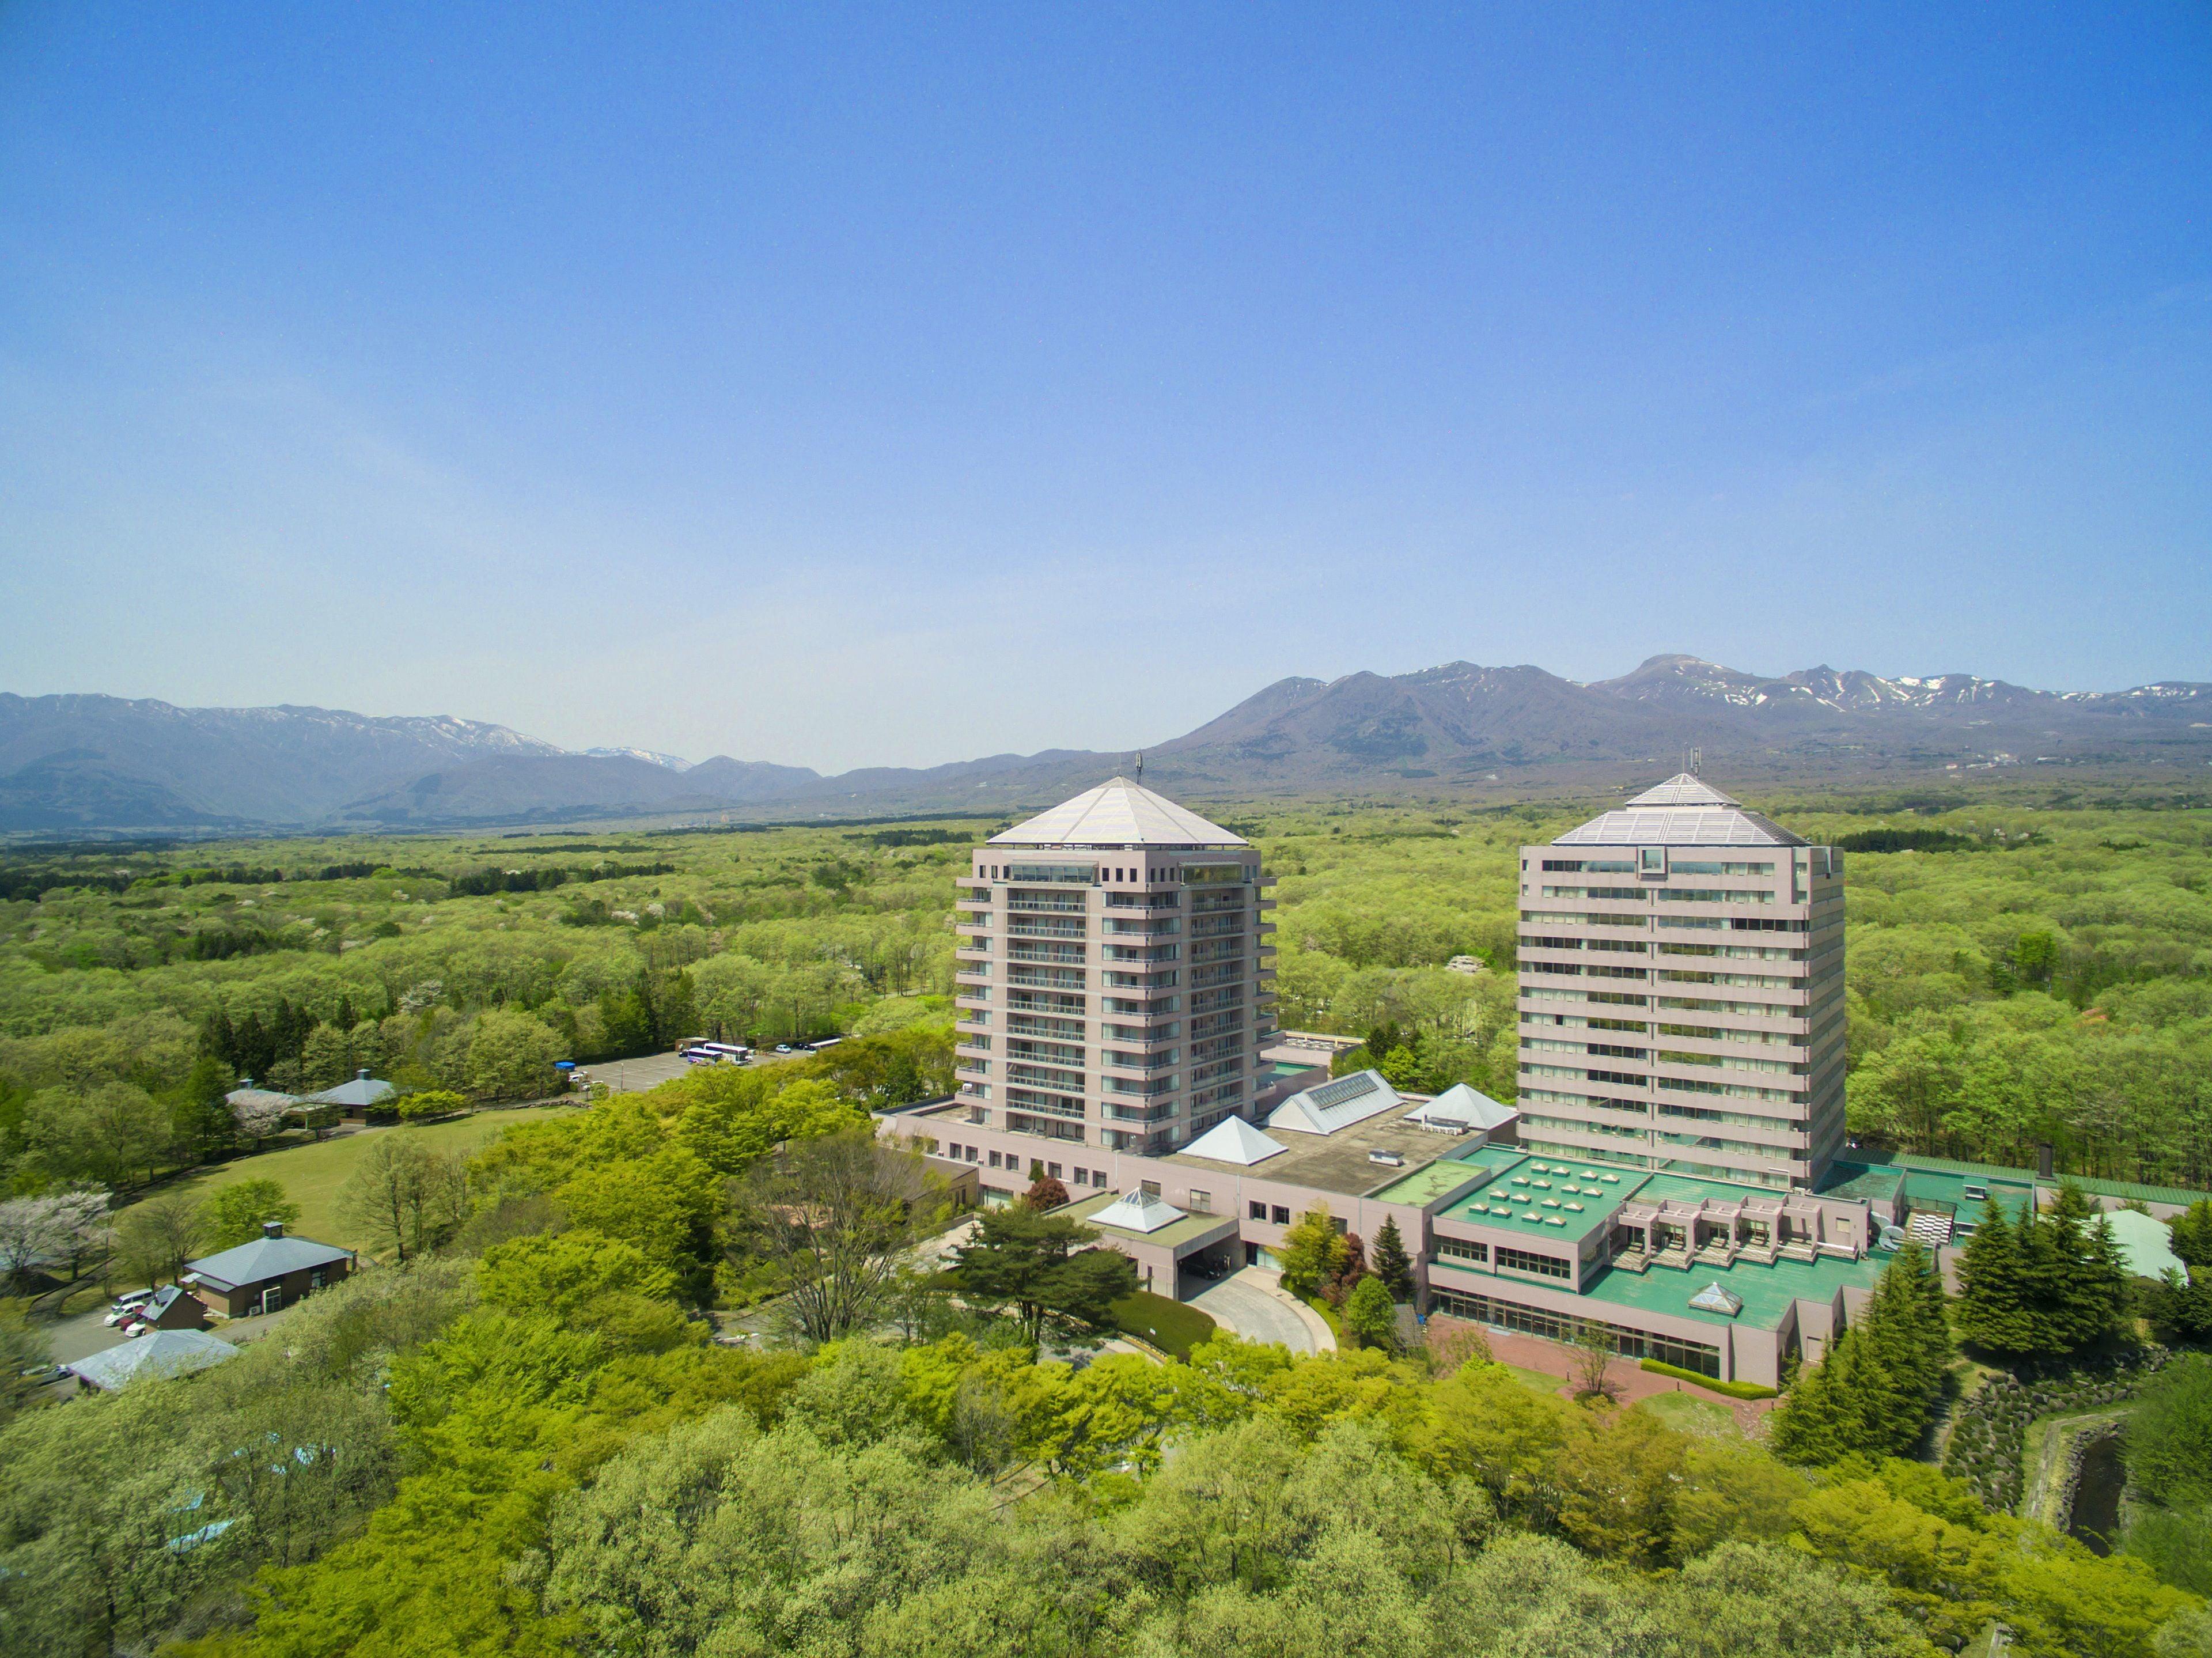 栃木県屈指のリゾート地・那須町に泊まろう!おすすめホテル10選